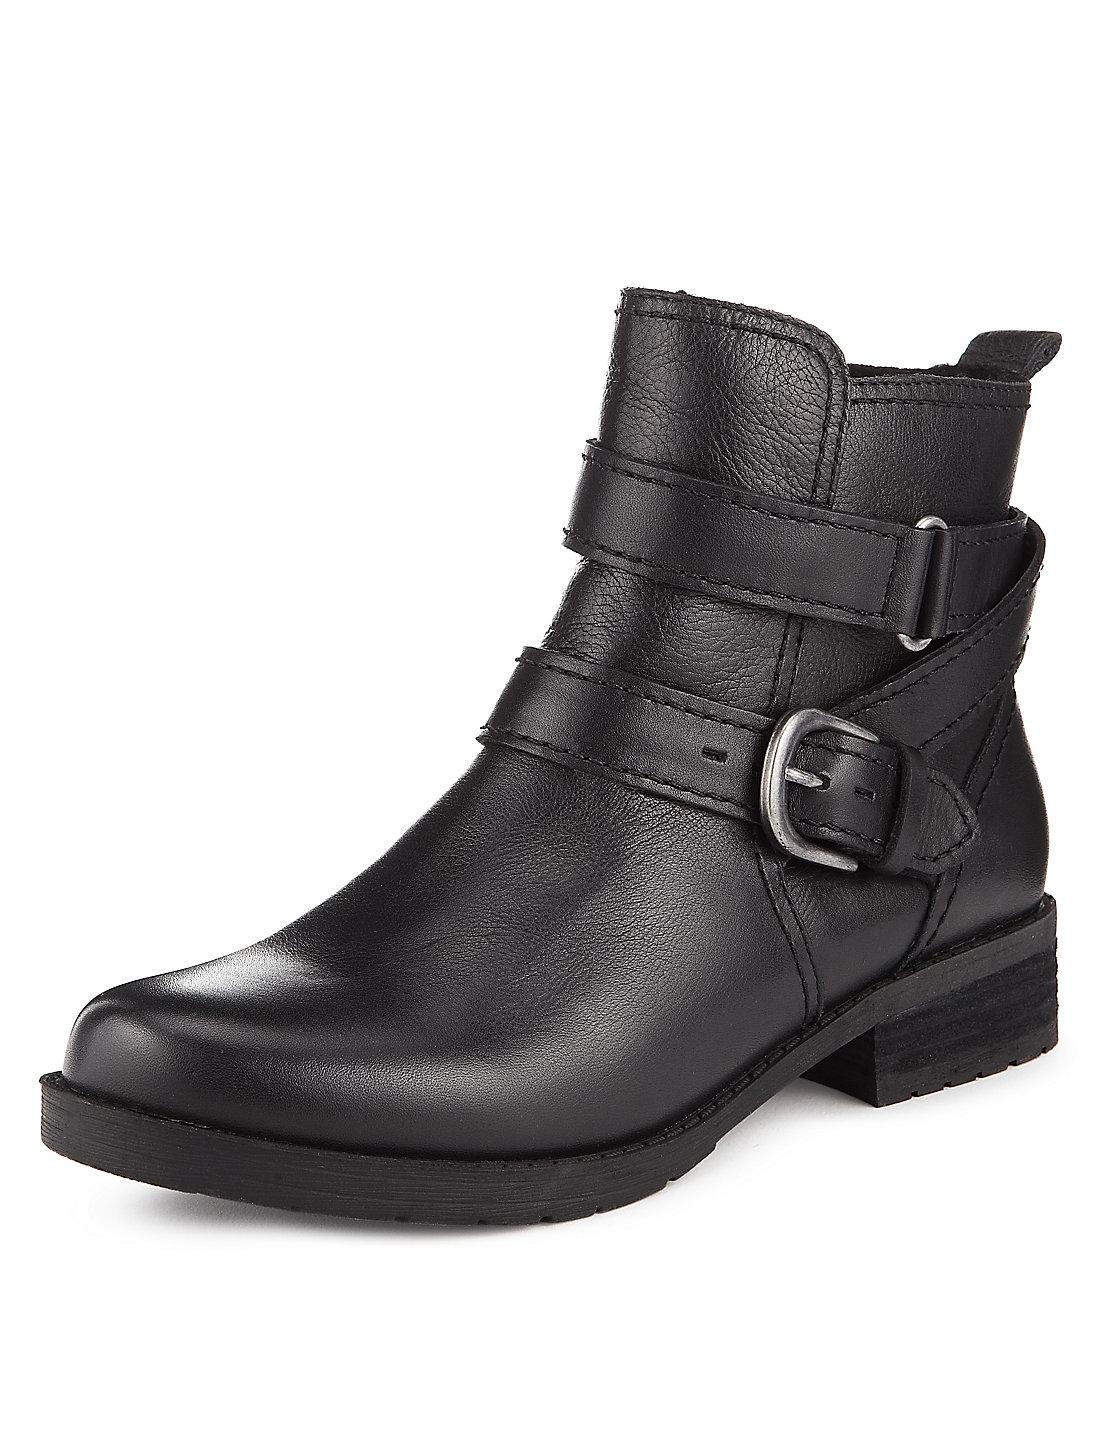 Image result for mark n spencer black ankle biker boot